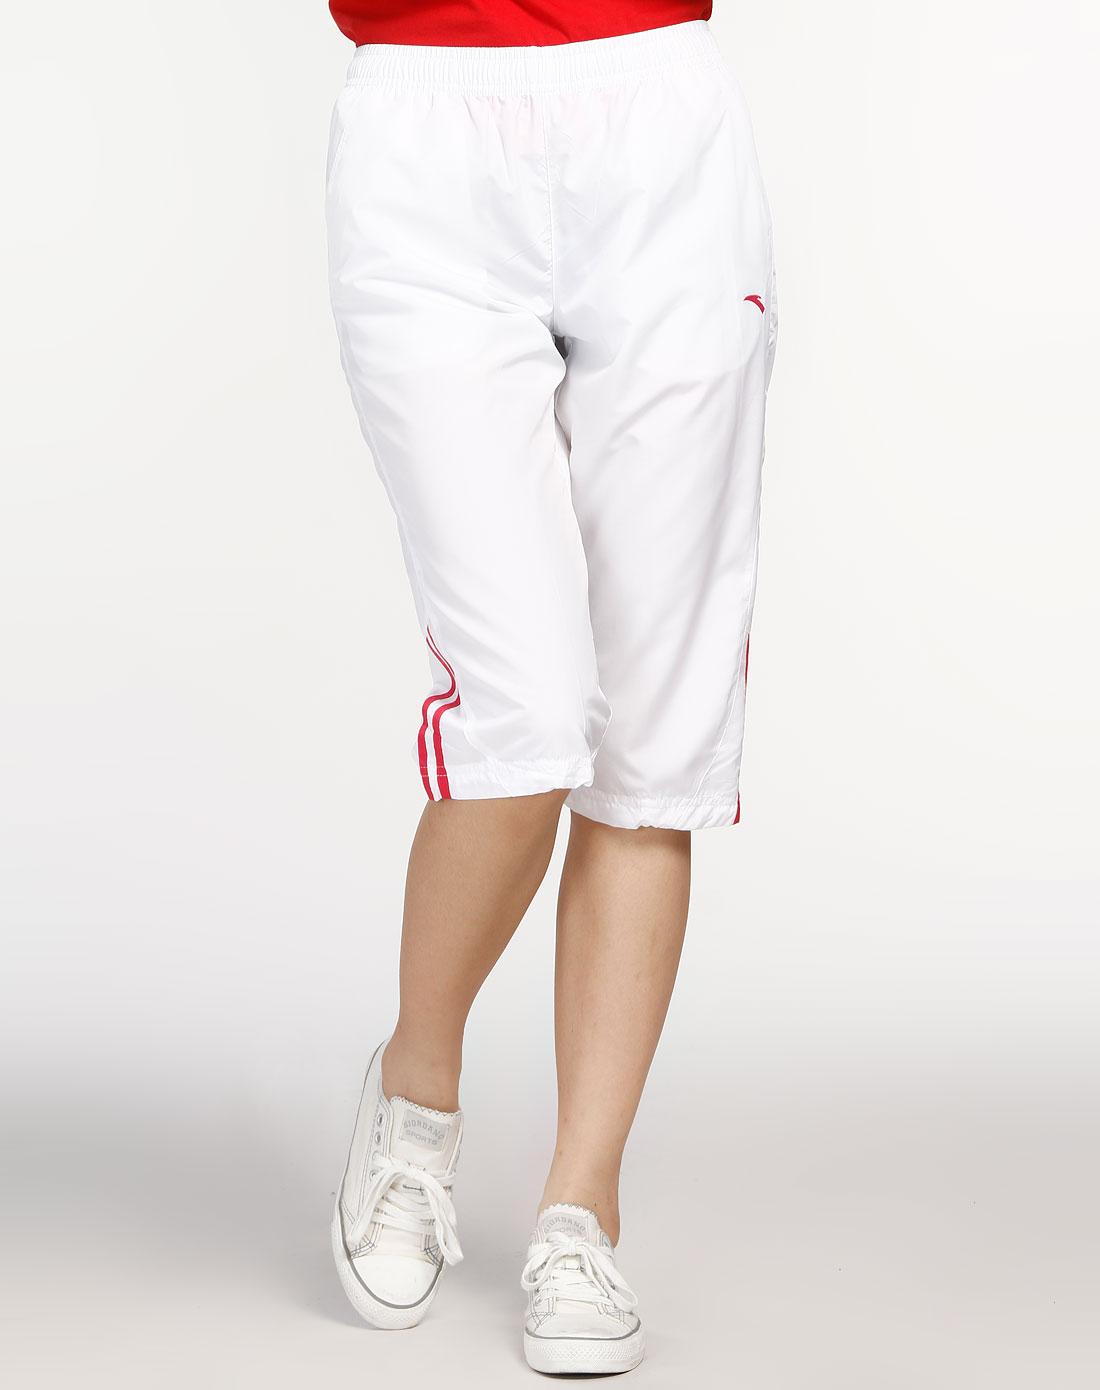 安踏anta女装专场-女款白色综合训练系列七分裤